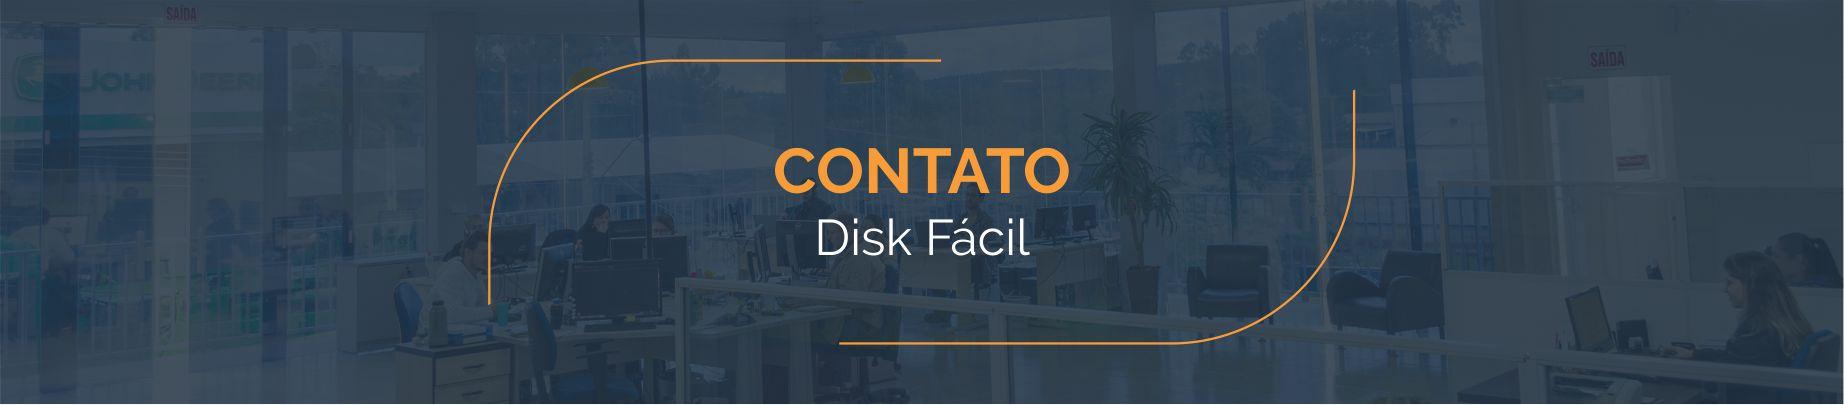 Contato - Disk Fácil Listas Telefônicas